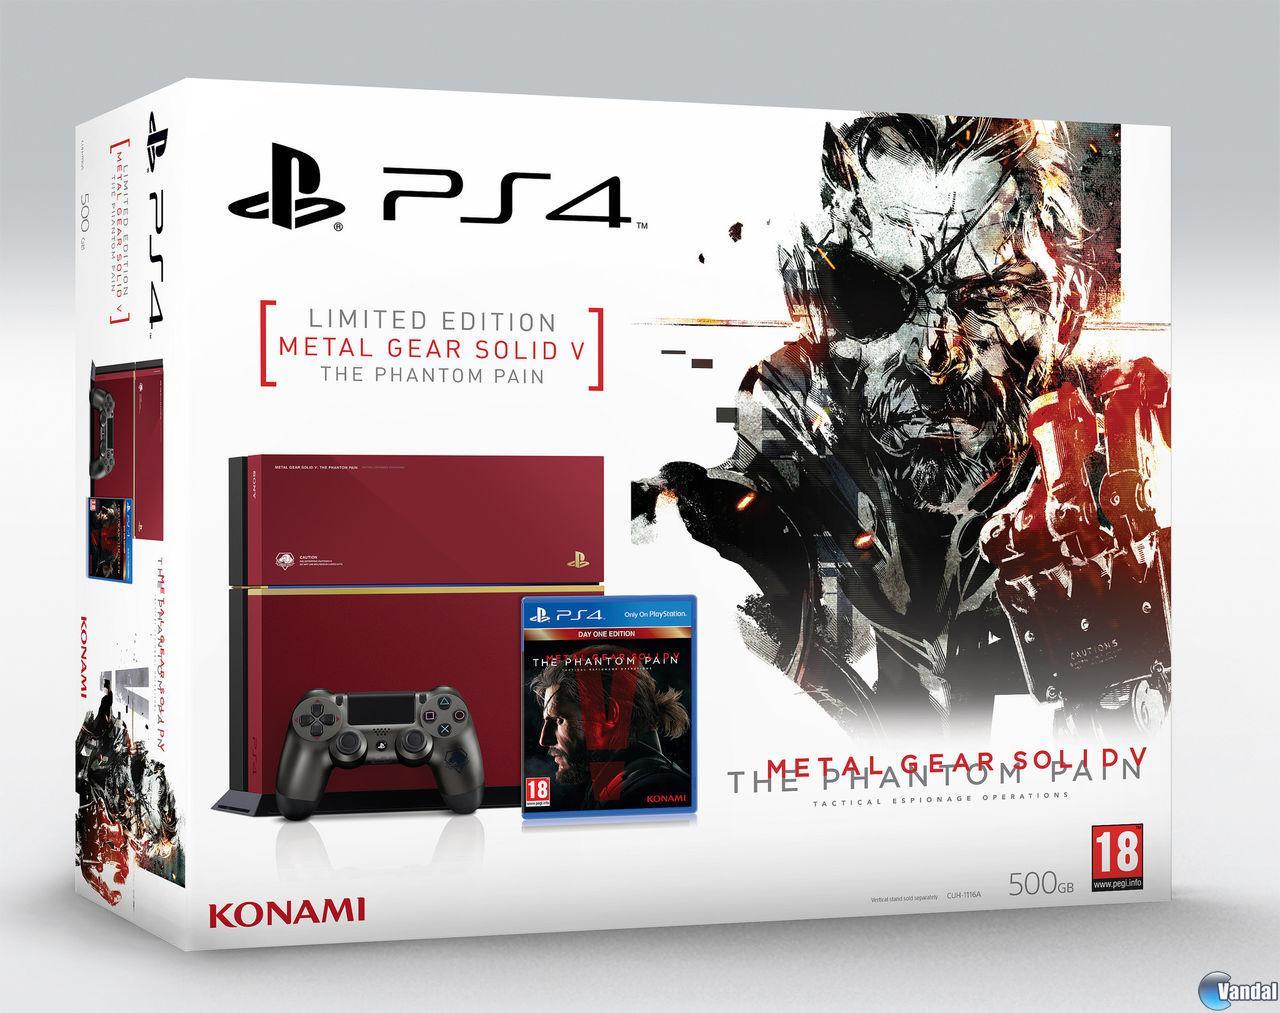 La PS4 Edición Limitada de Metal Gear Solid V: The Phantom Pain llegará a Europa 201569151524_1